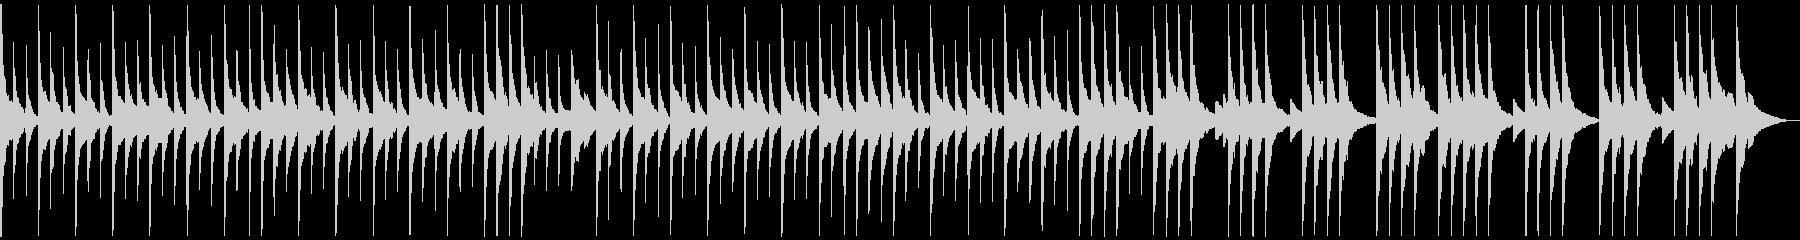 オルゴール風 ワルツの未再生の波形